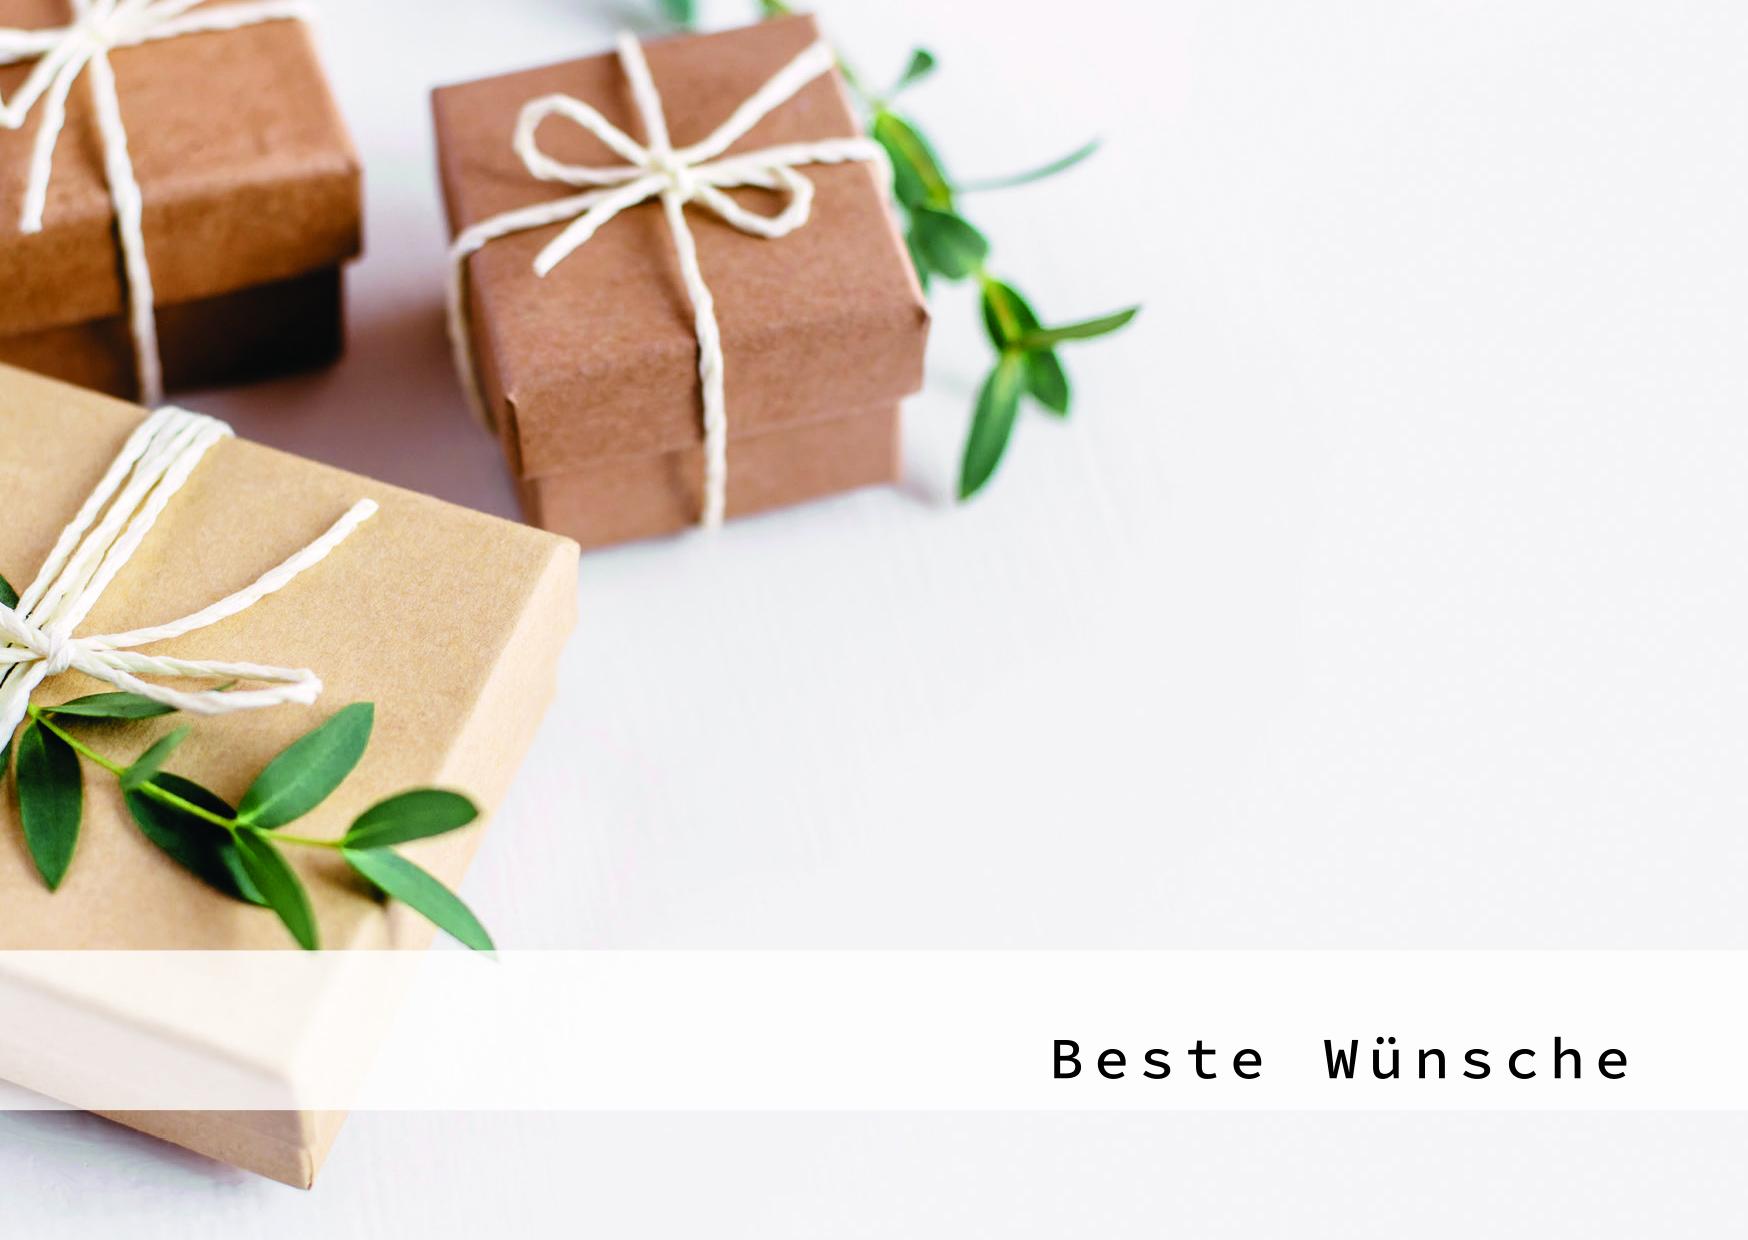 Augenblicke der Besinnung - Grußkarte Geschenk